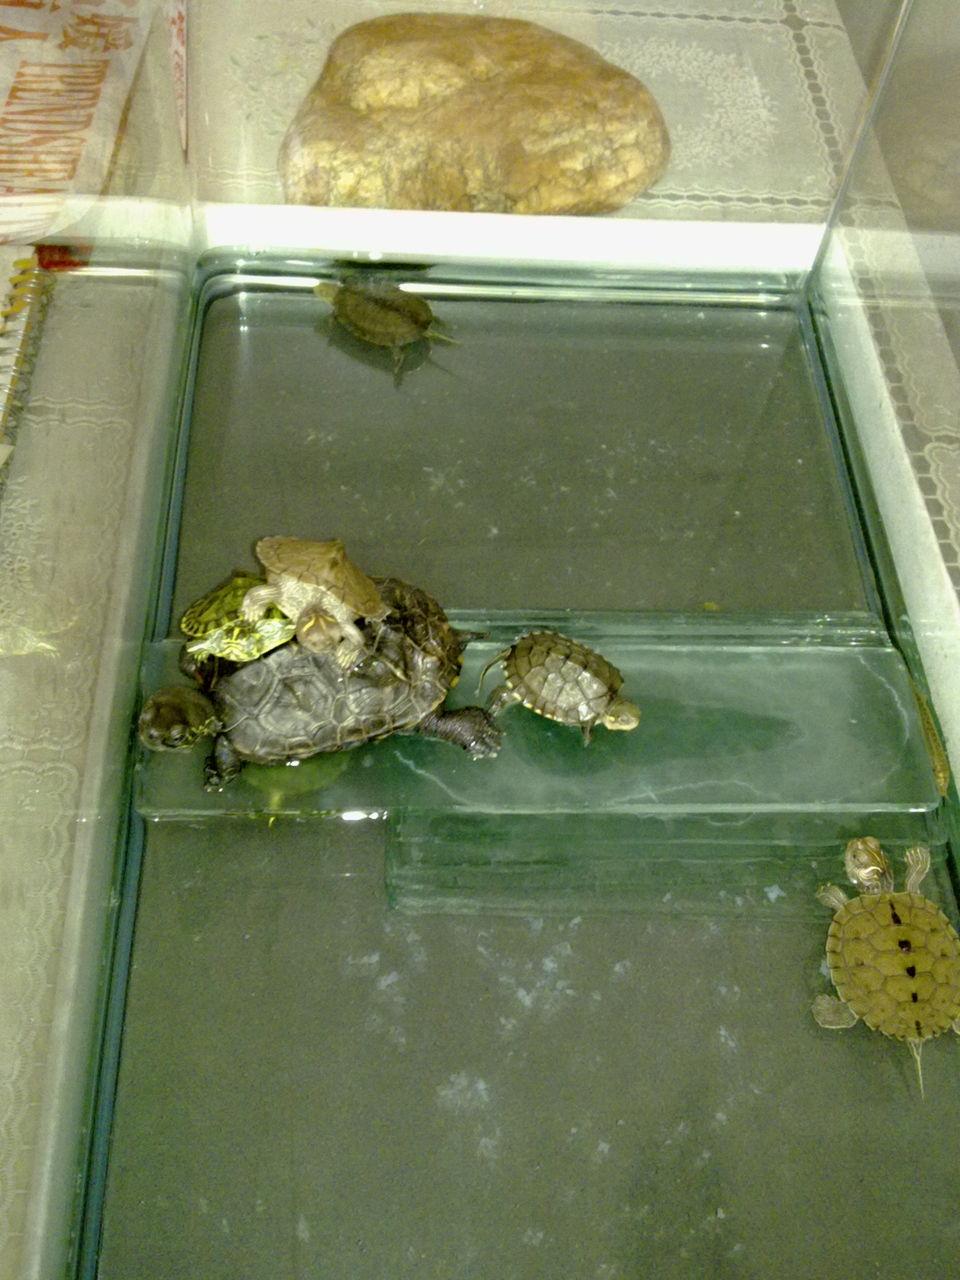 没受精的乌龟蛋 乌龟蛋没受精能孵化吗 受精的乌龟蛋